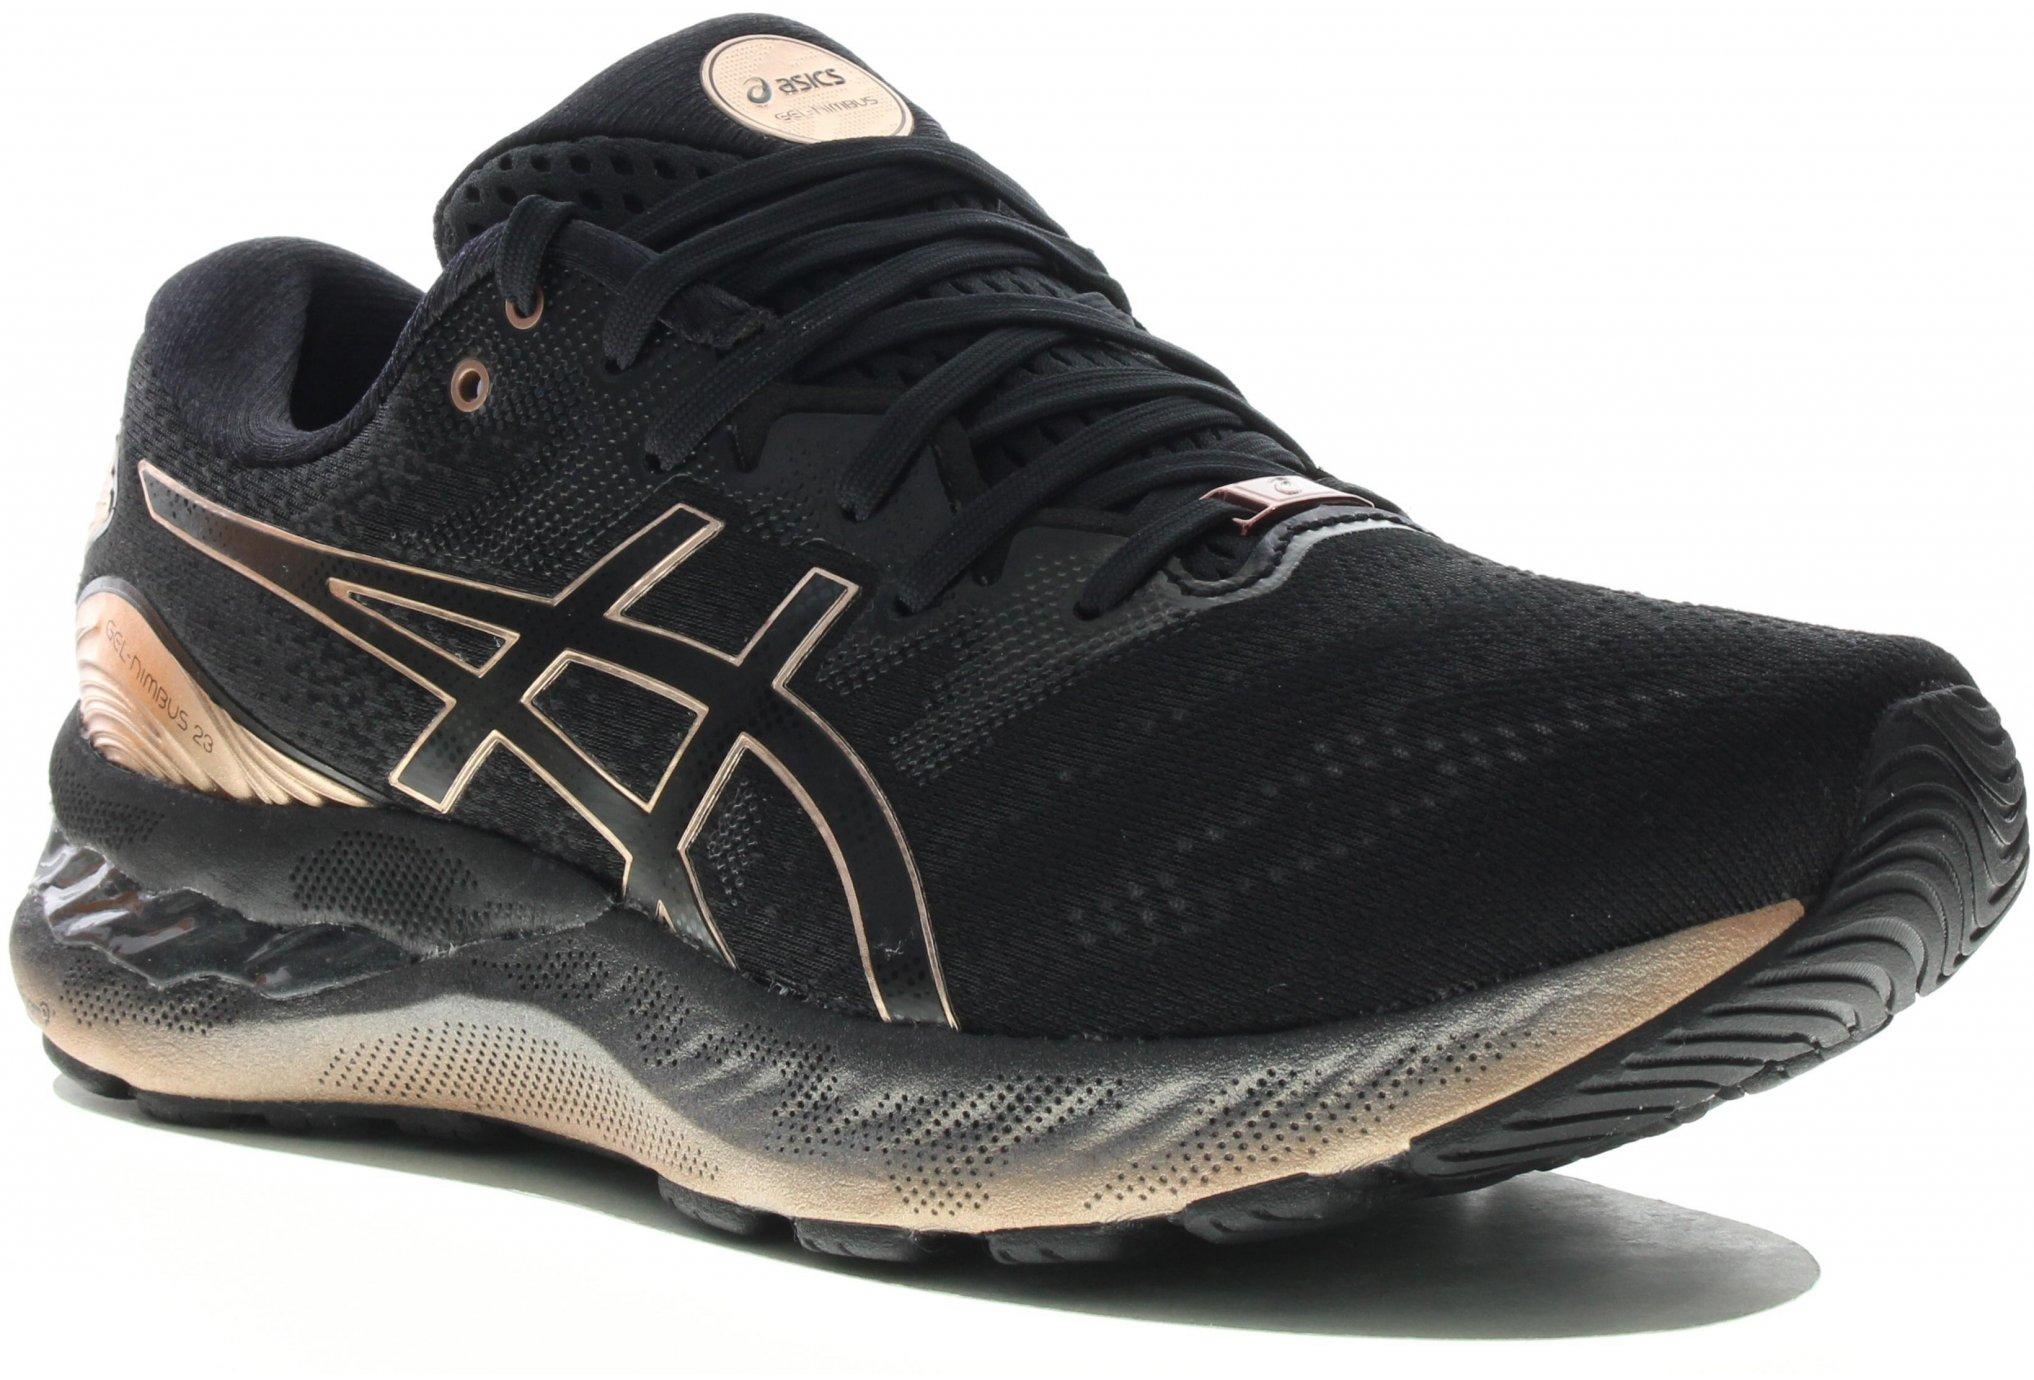 Asics Gel-Nimbus 23 Platinum Chaussures running femme